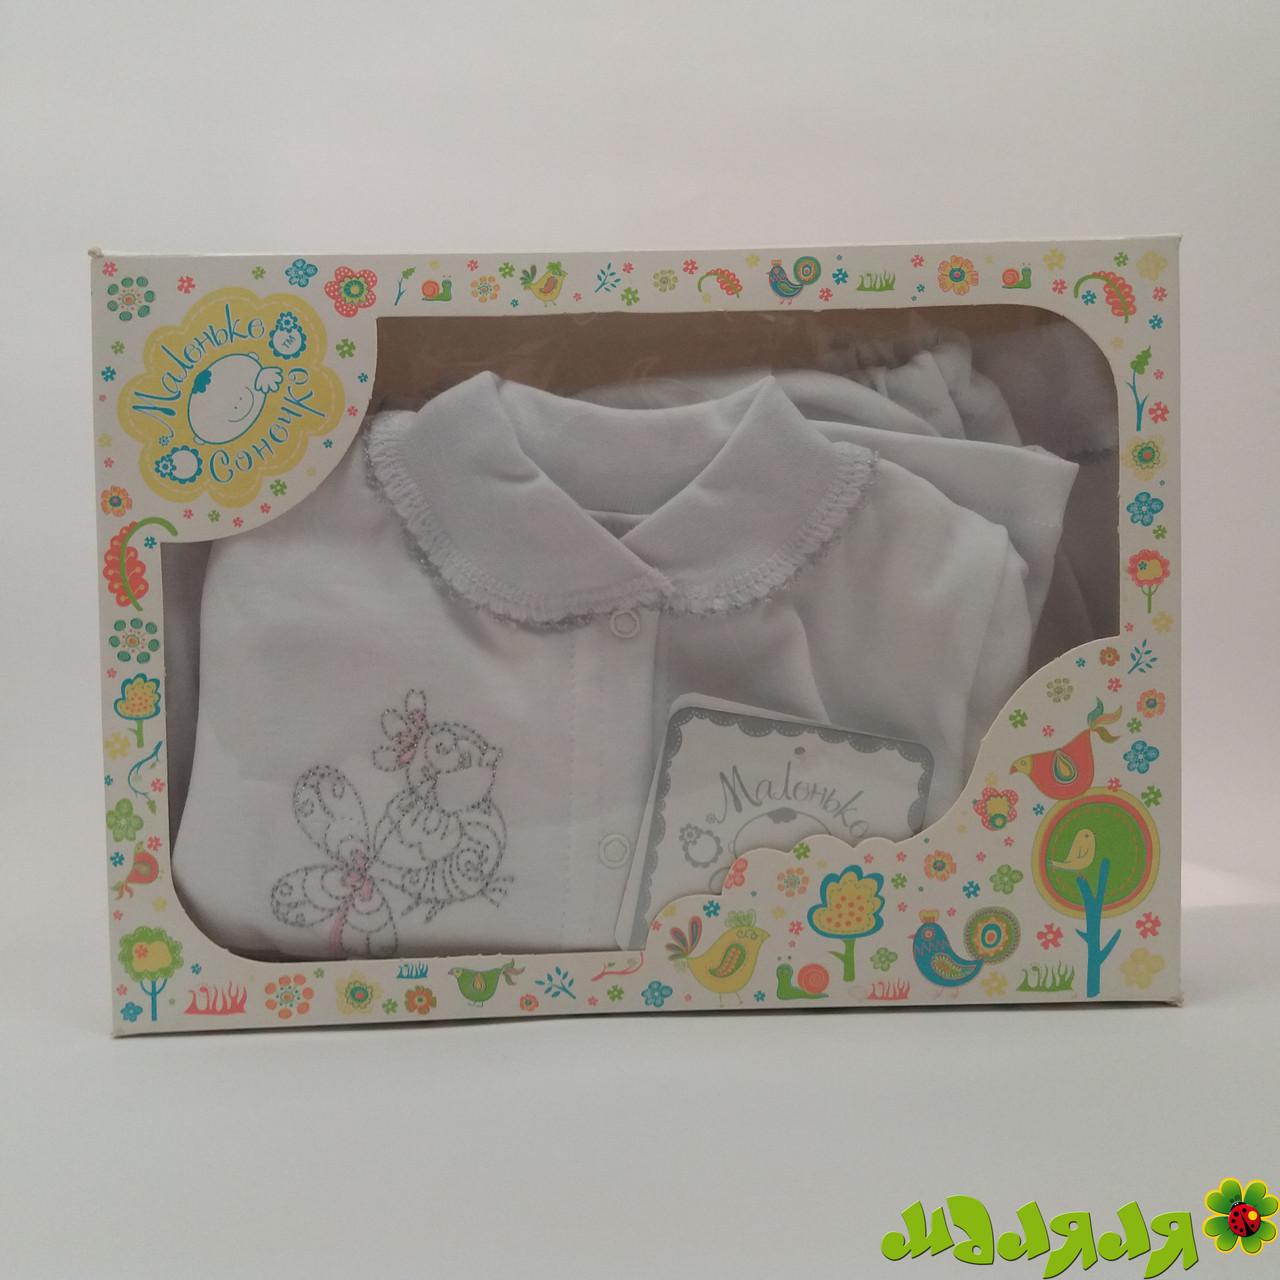 Комплект детский с орнаментом розовый 56р (3КИ-10)